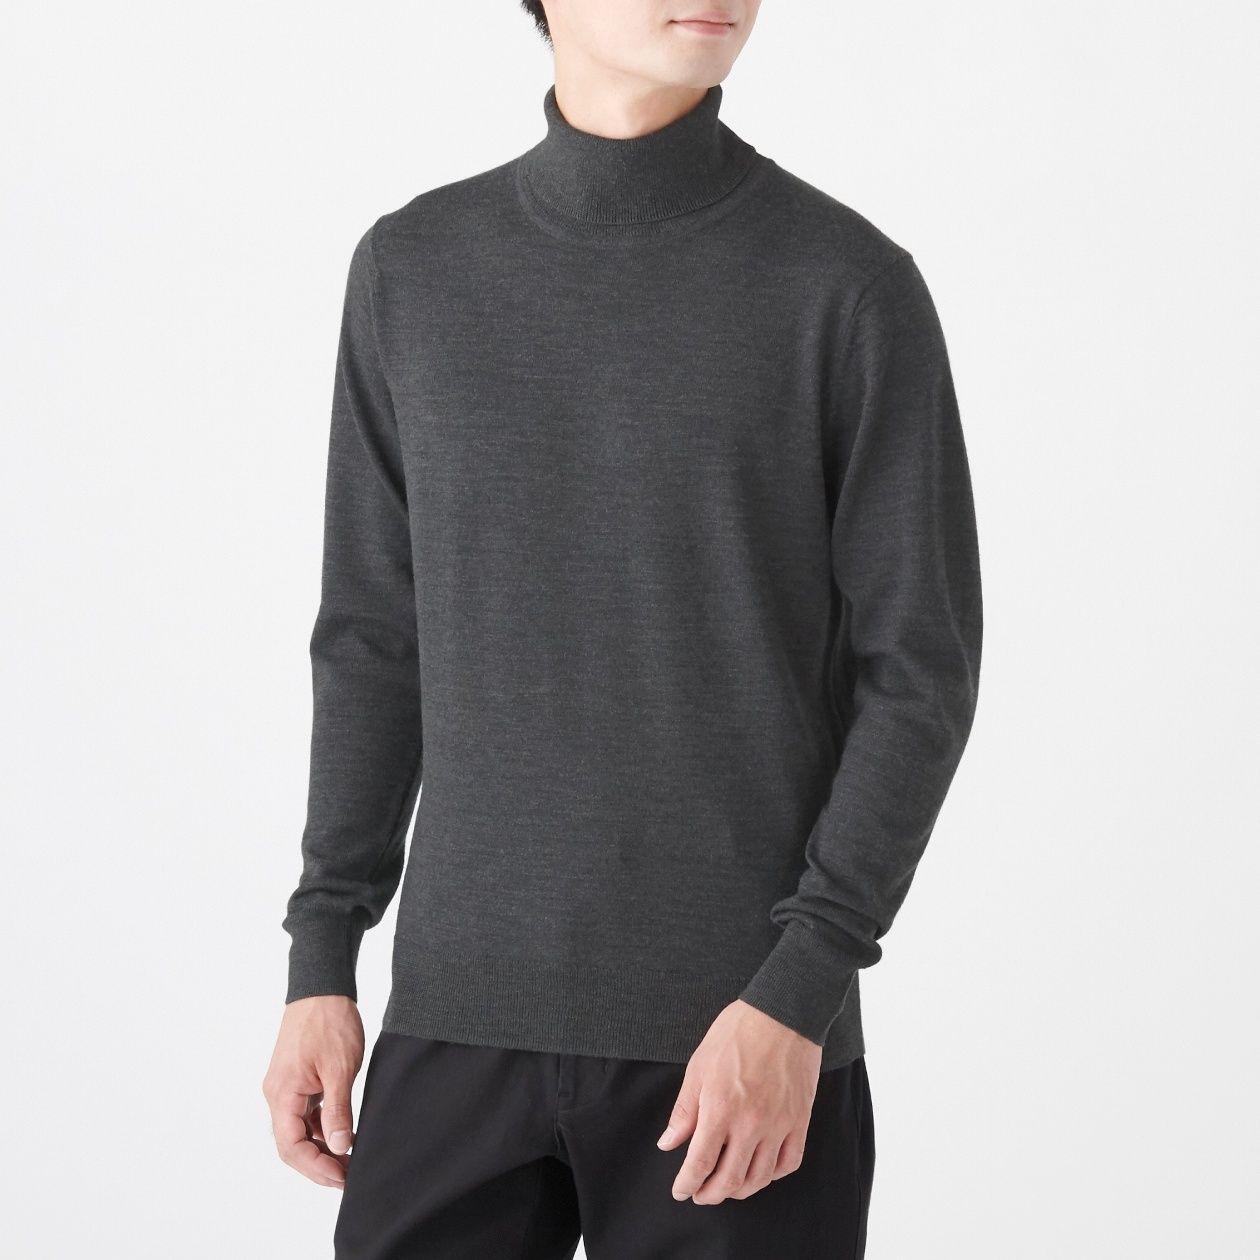 男不易刺癢羊毛天竺高領針織衫 墨灰S | 無印良品